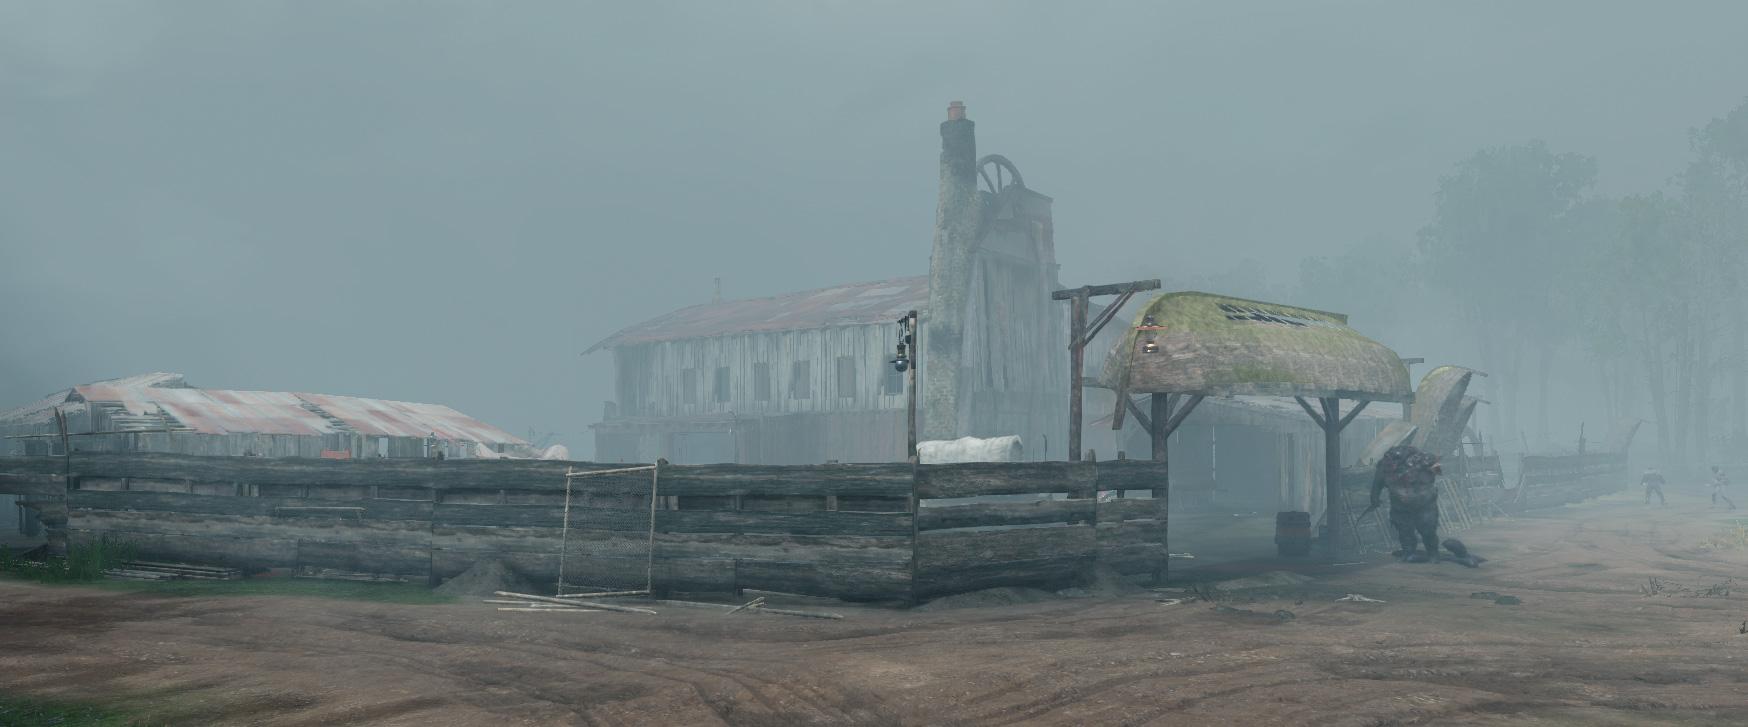 Godard Docks